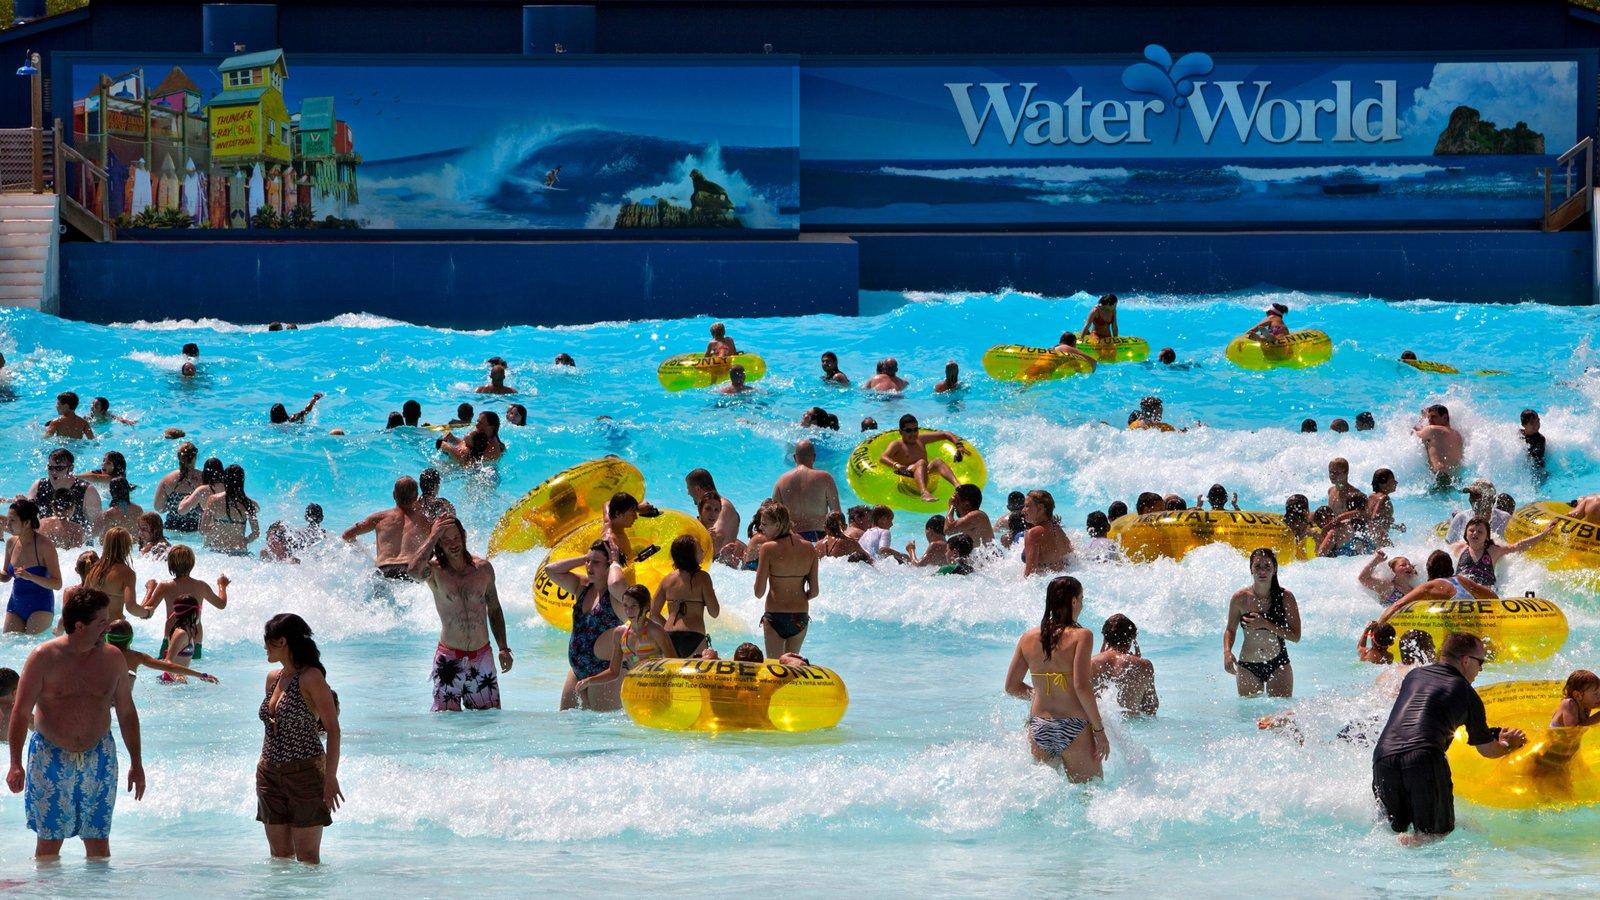 Water World que inclui ondas e um parque aquático assim como um grande grupo de pessoas